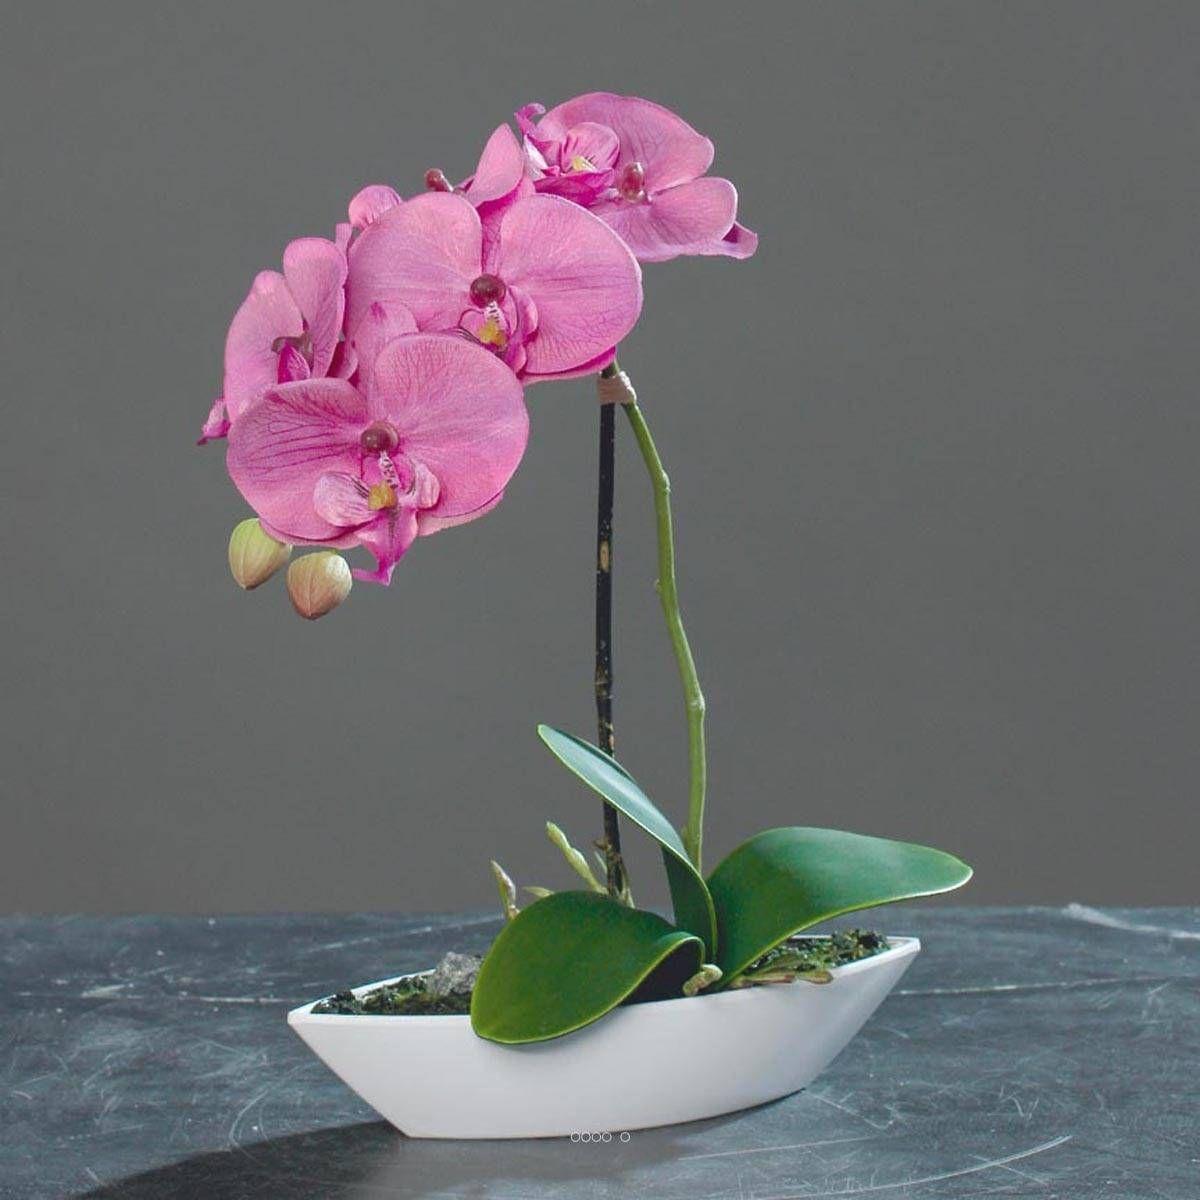 Orchidée artificielle tissu gaufré 1 hampe pot Résine Blanc ovale H 38 cm Rose-crème - couleur: Rose-crème